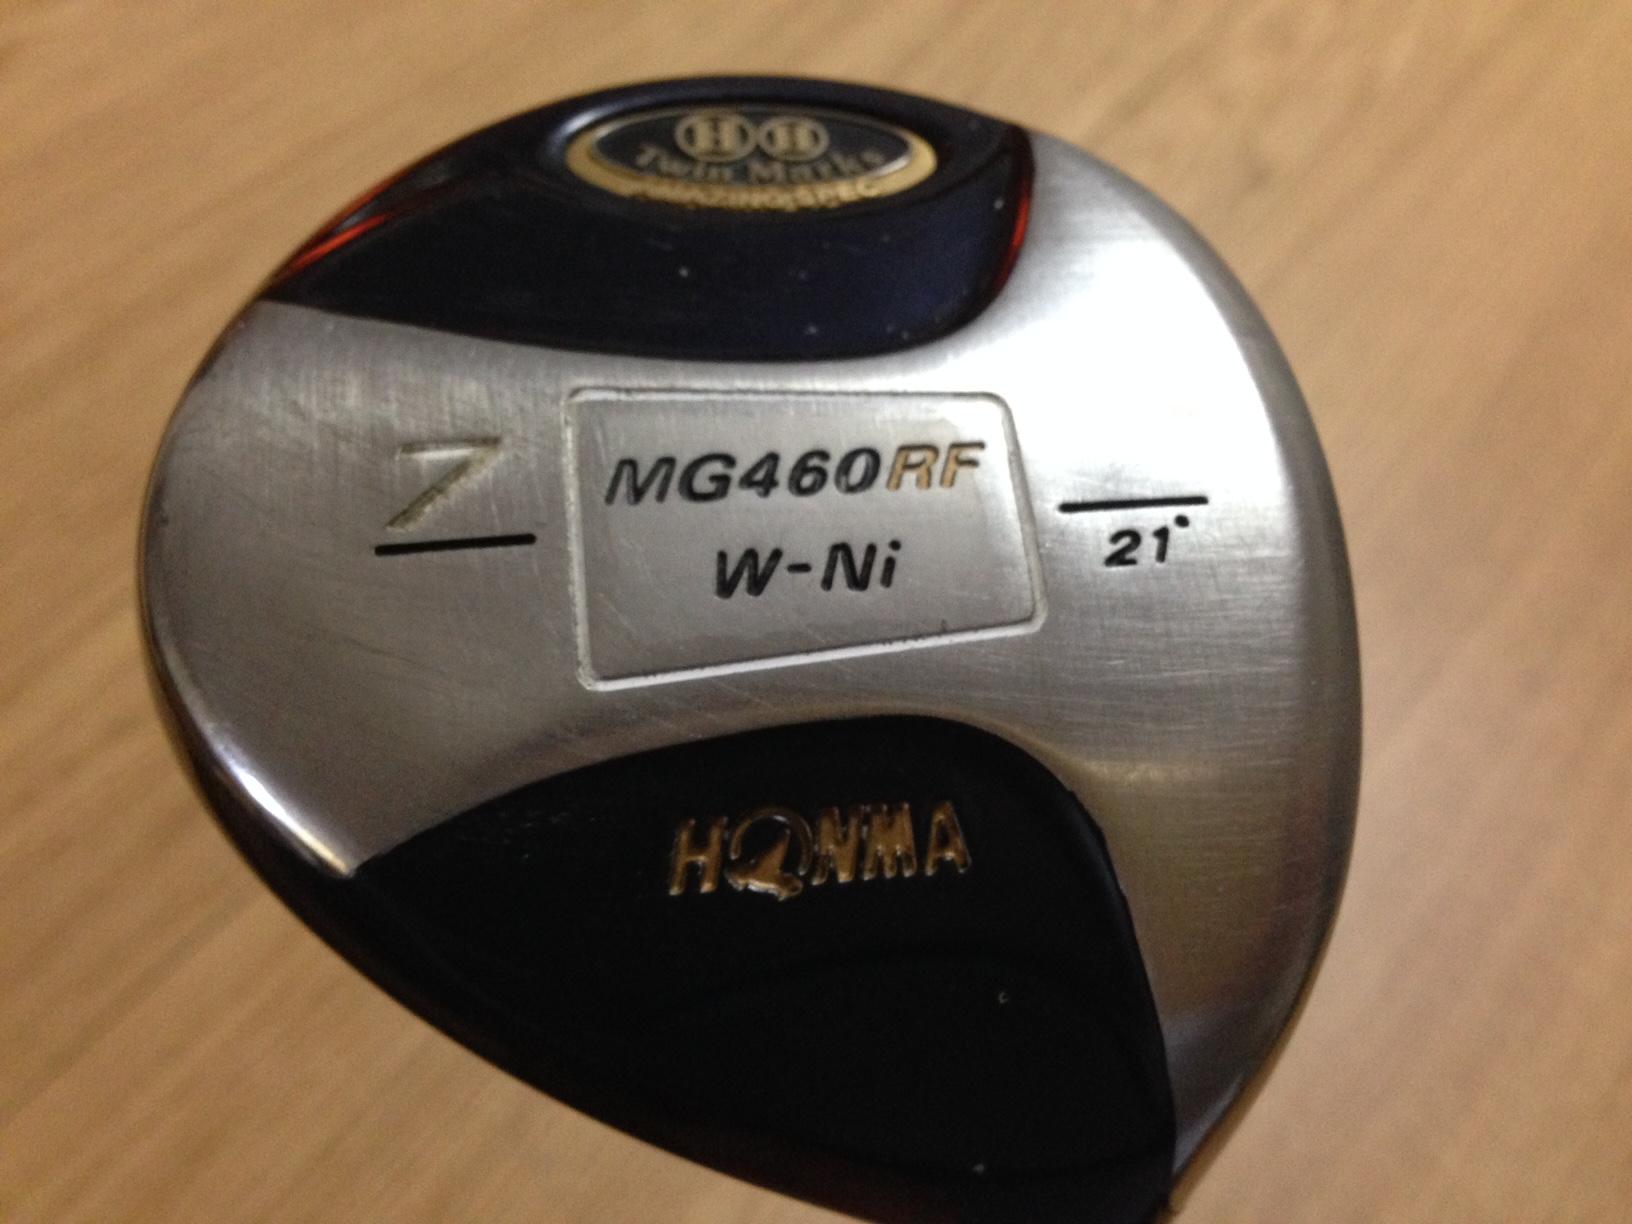 HONMA製 Twin Marks MG460 RF W-Ni 21° ARMRQ 851 純正カバー付き